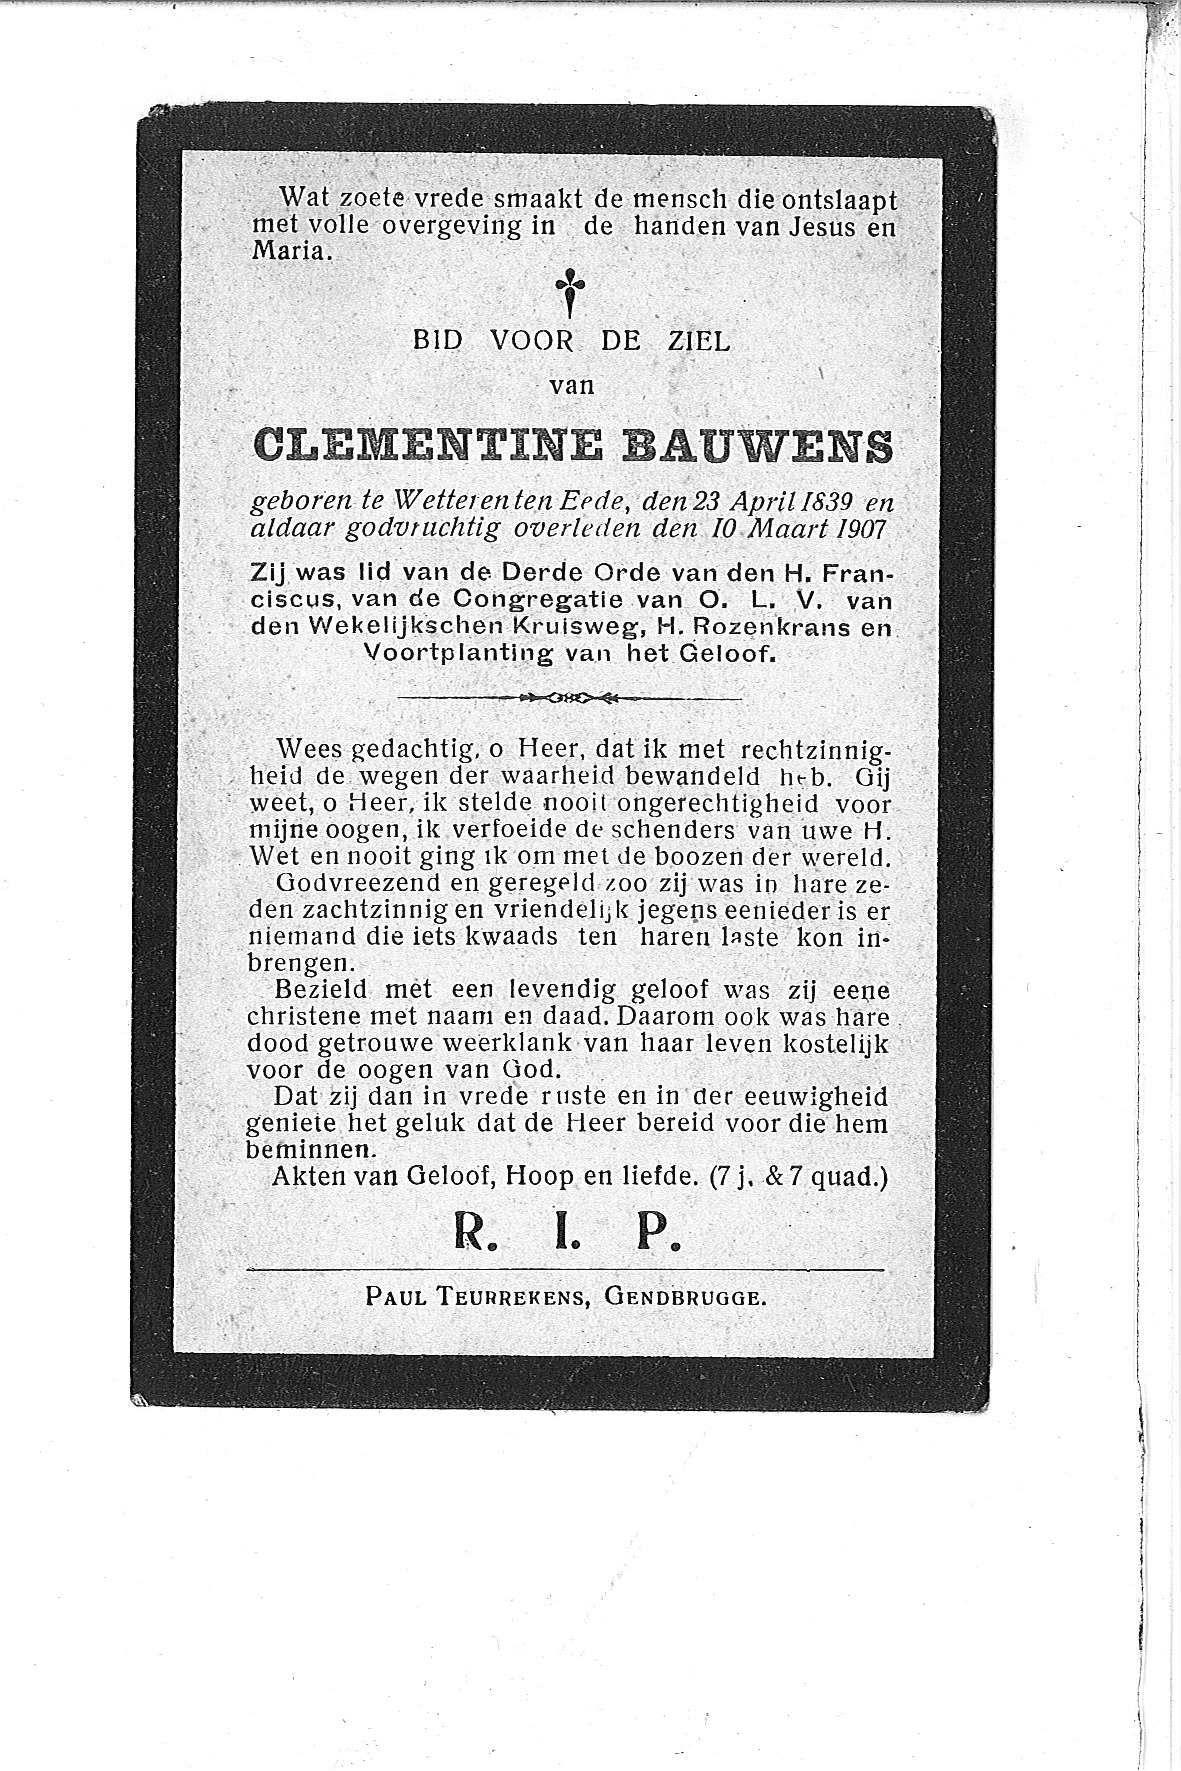 Clementine(1907)20101026103900_00021.jpg